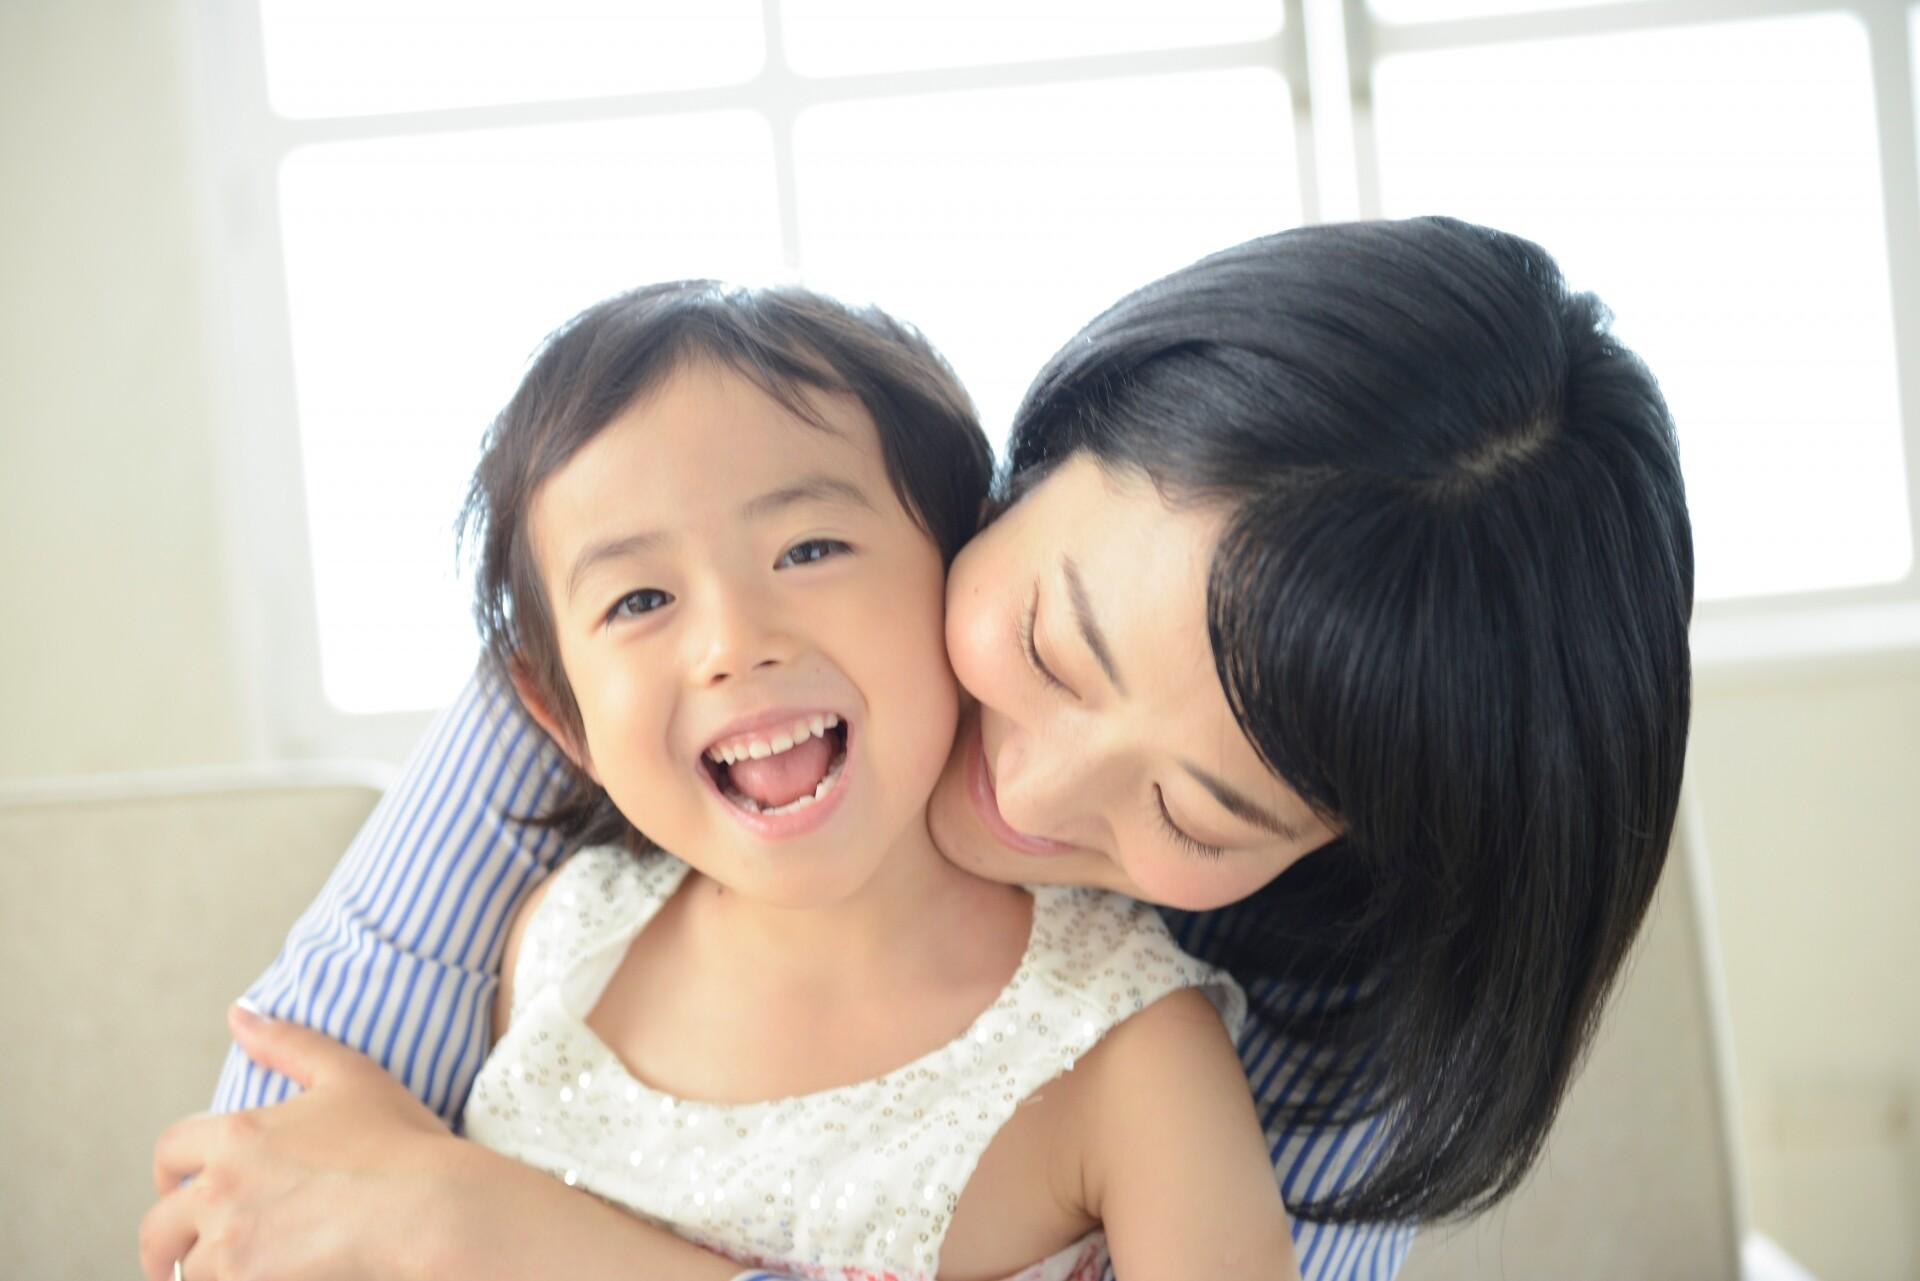 子供同士や親子で体験できる、体験型イベントがオススメ